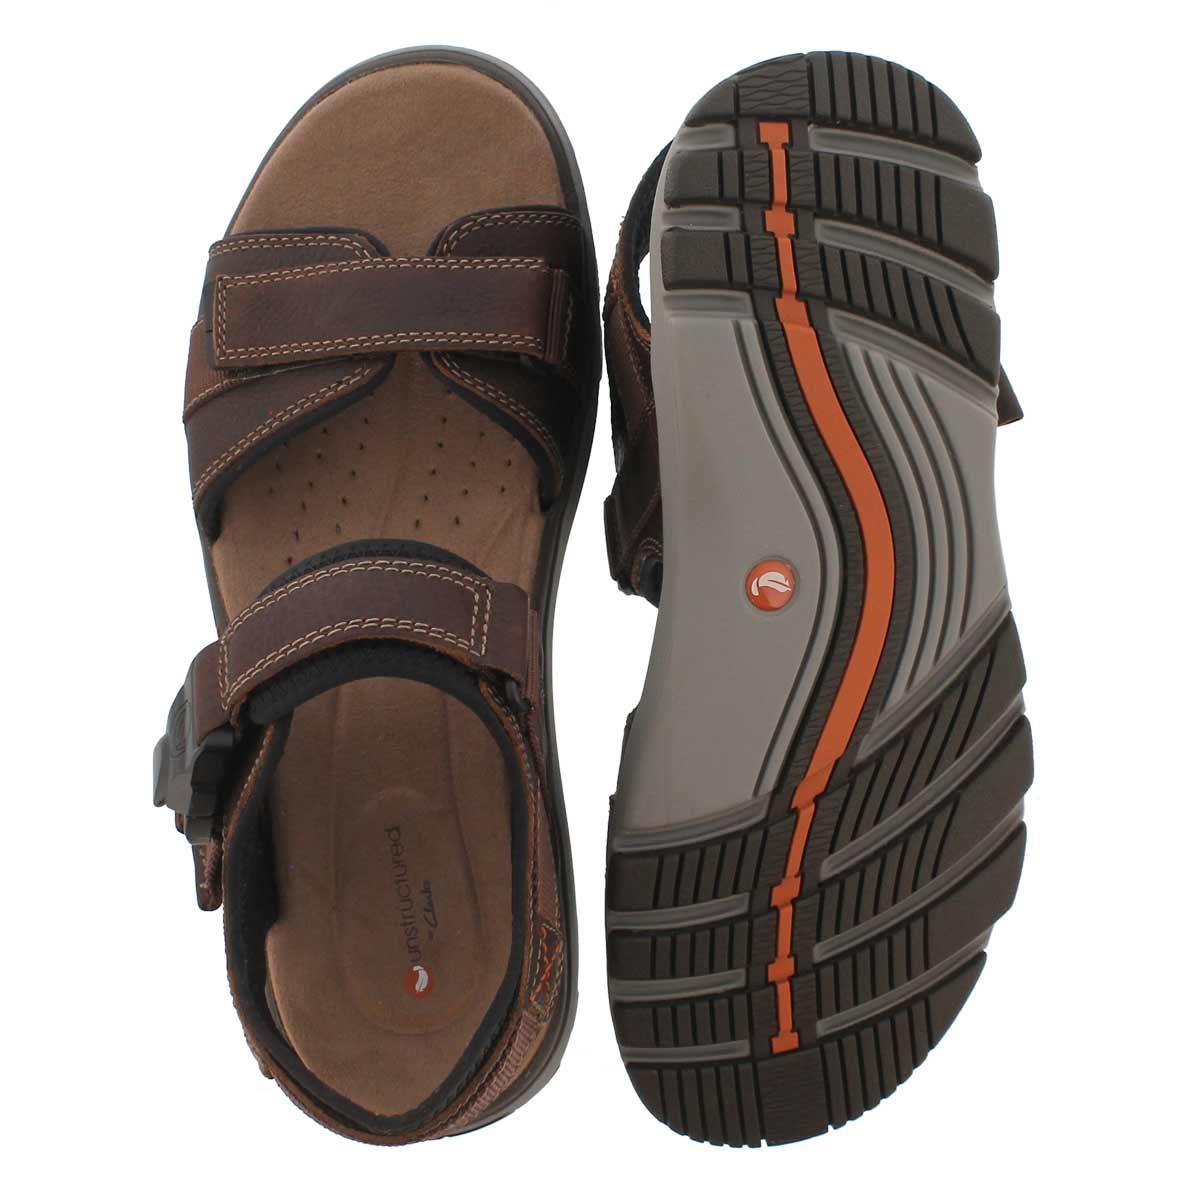 Mns UnTrek Part dk tan casual sandal